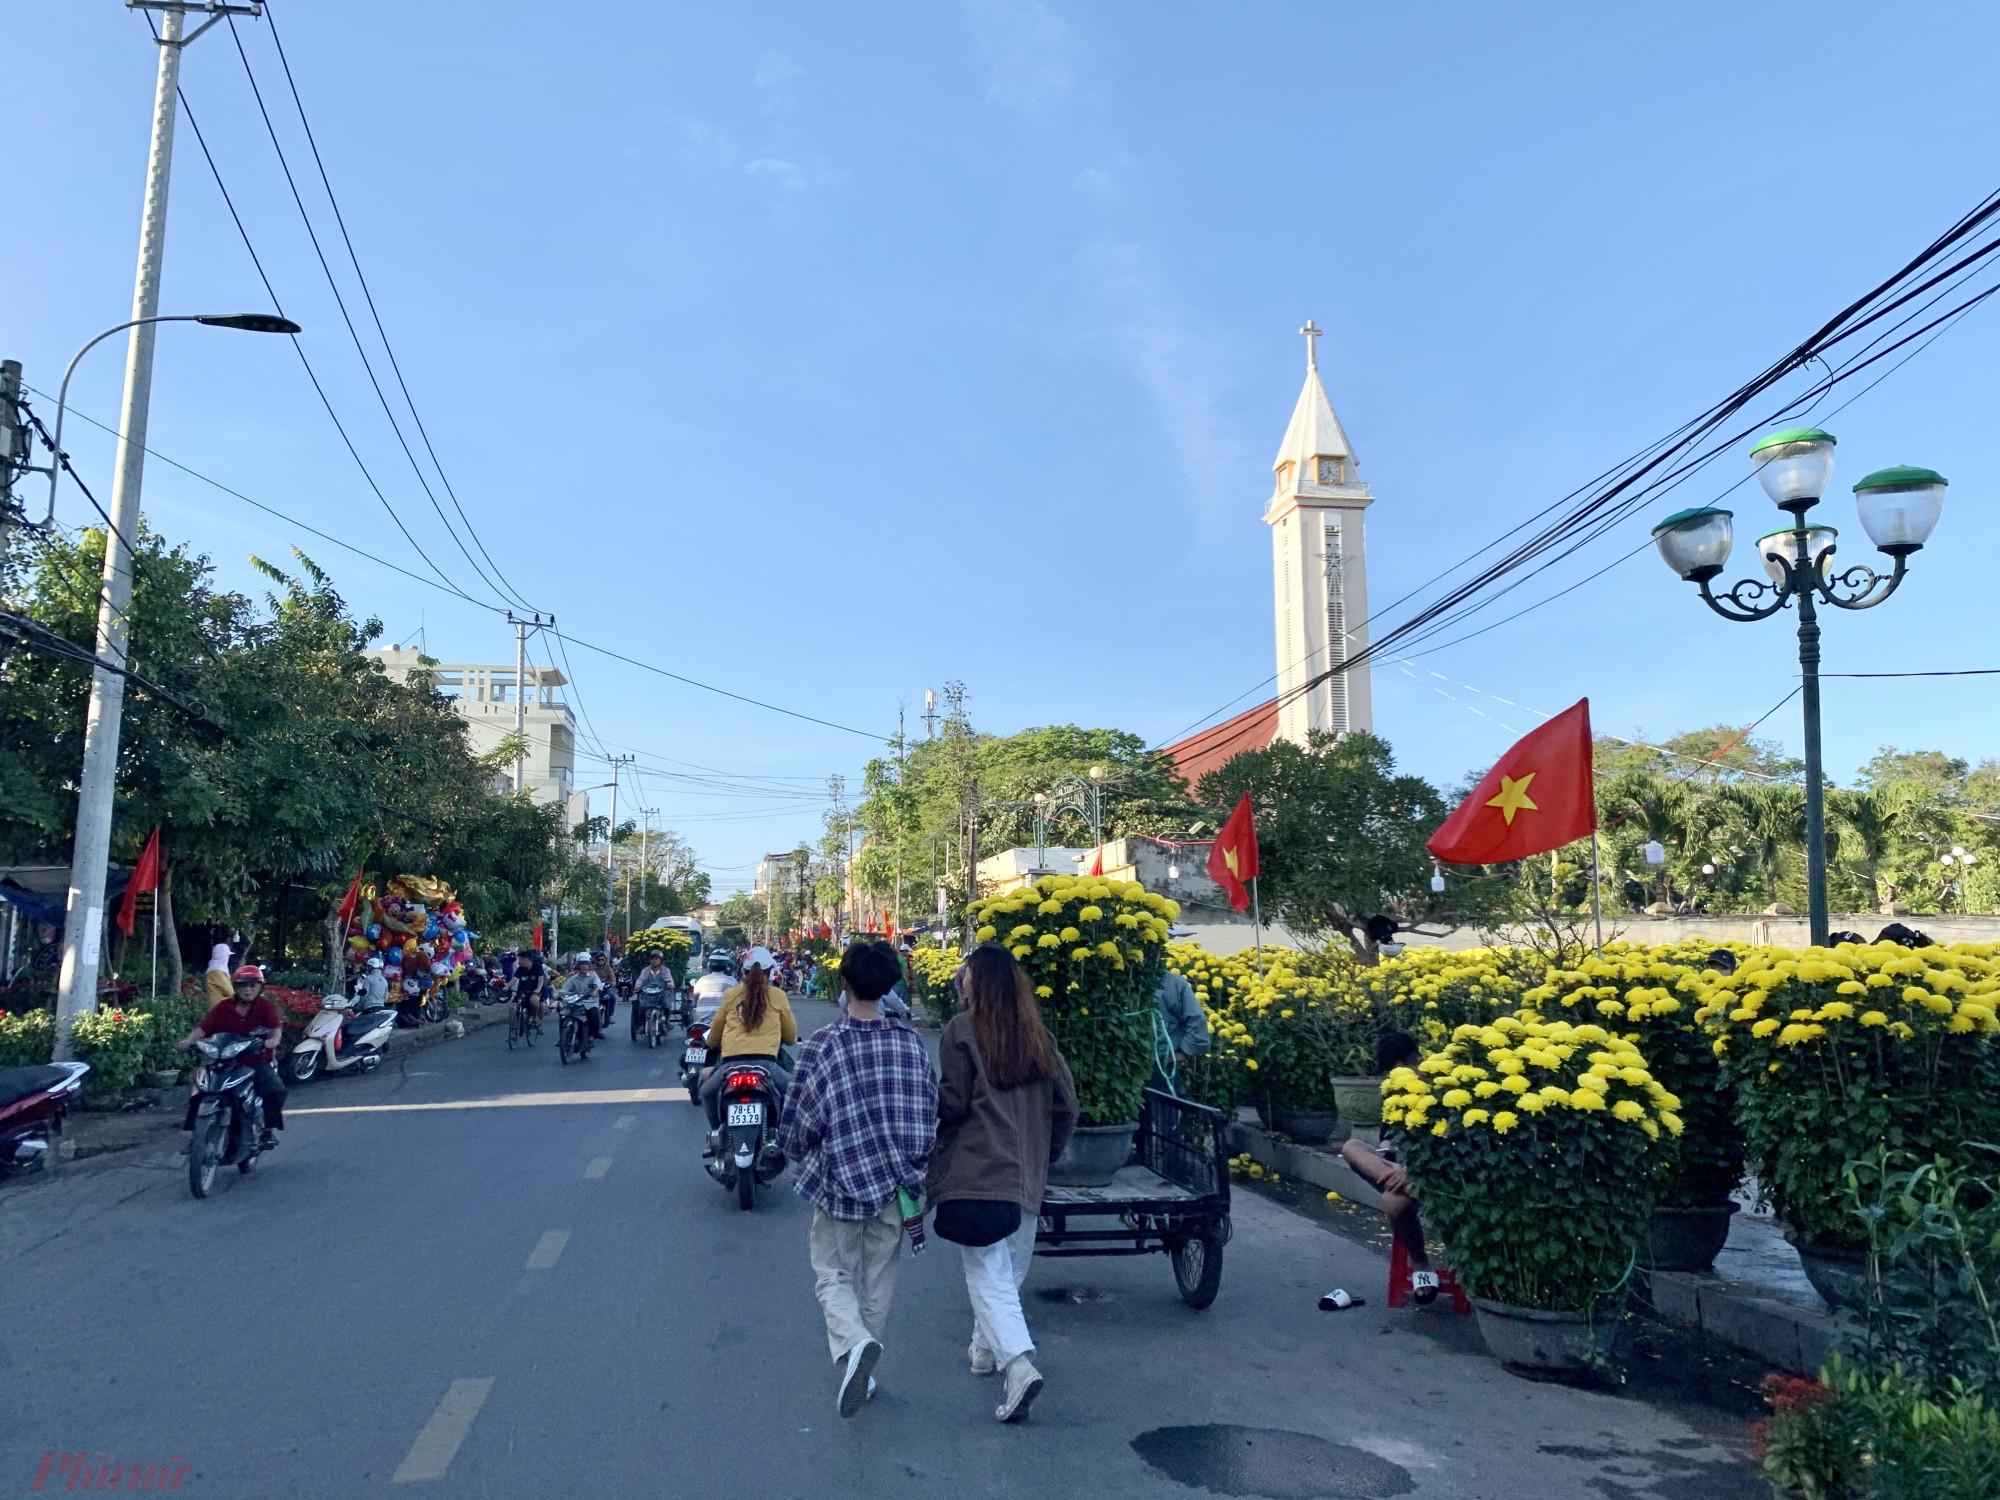 Những góc phố khu vực trung tâm hoa Tết được bày bán 2 bên đường